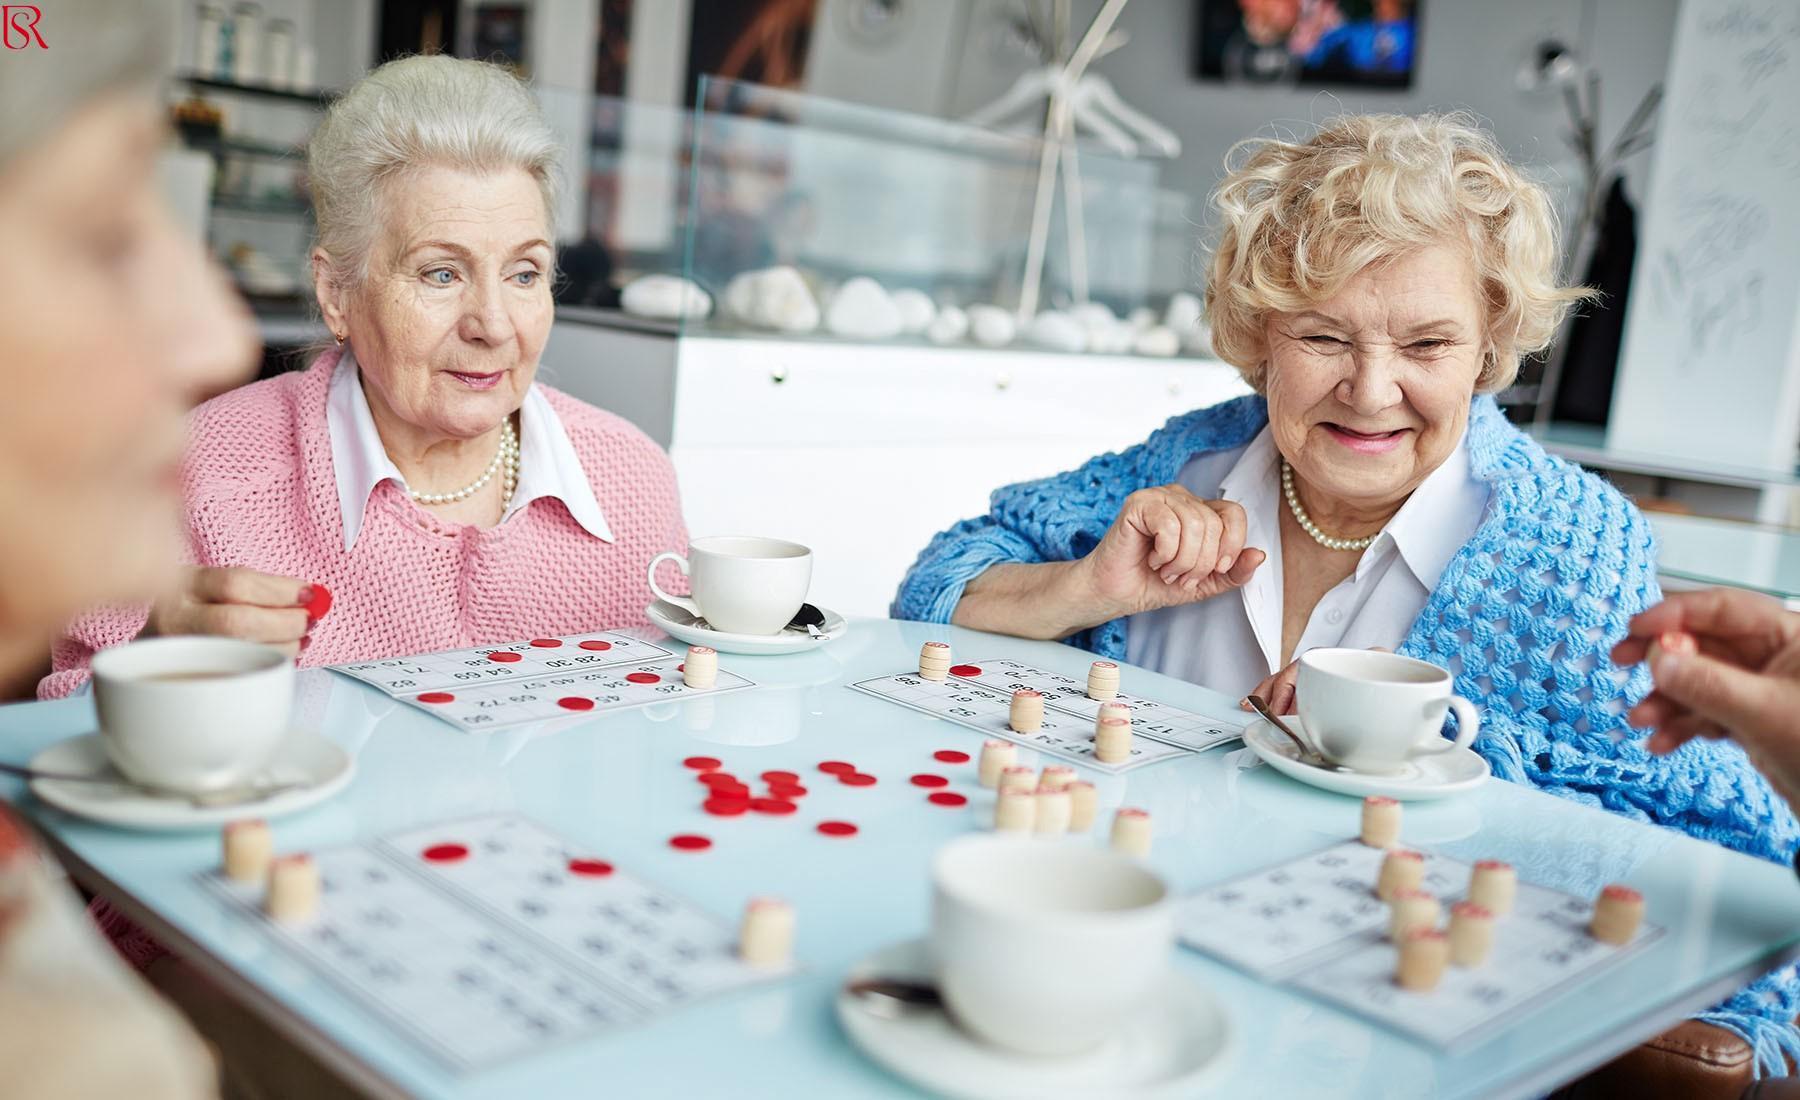 أسعار جليسات المسنين.. أفضل العروض مع خدمات متعددة